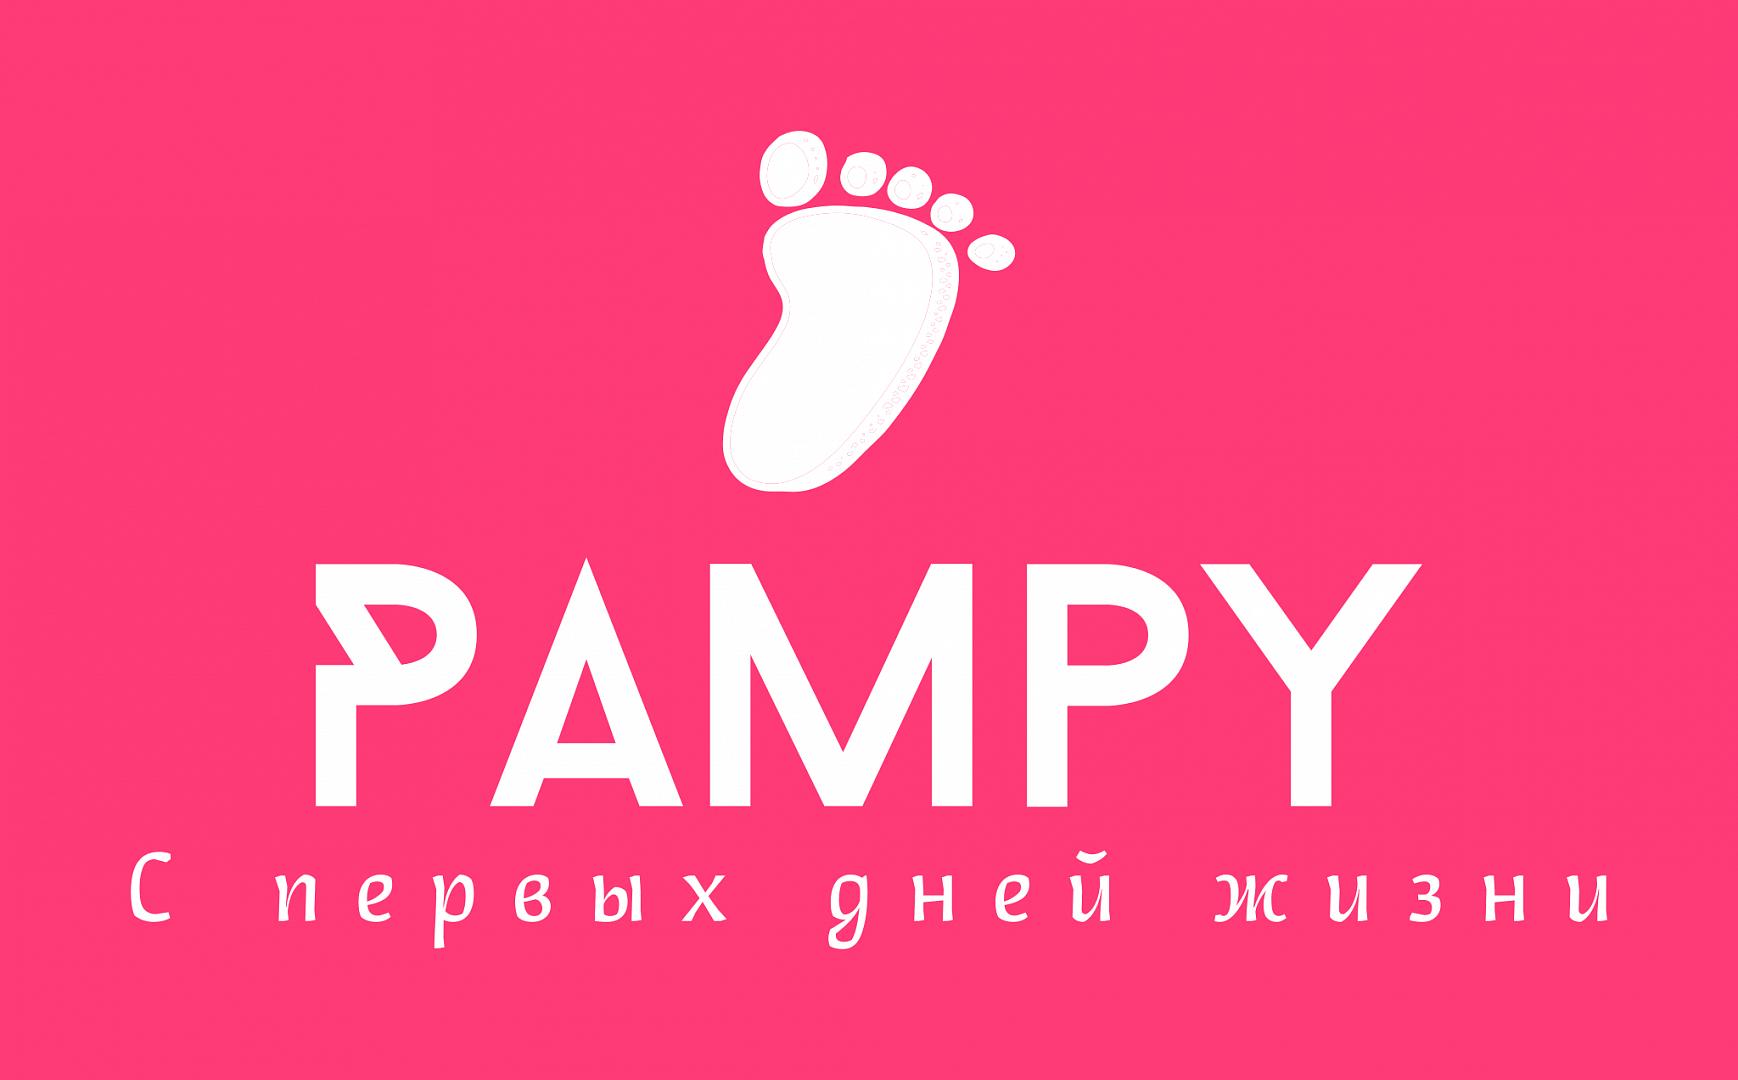 Pampy